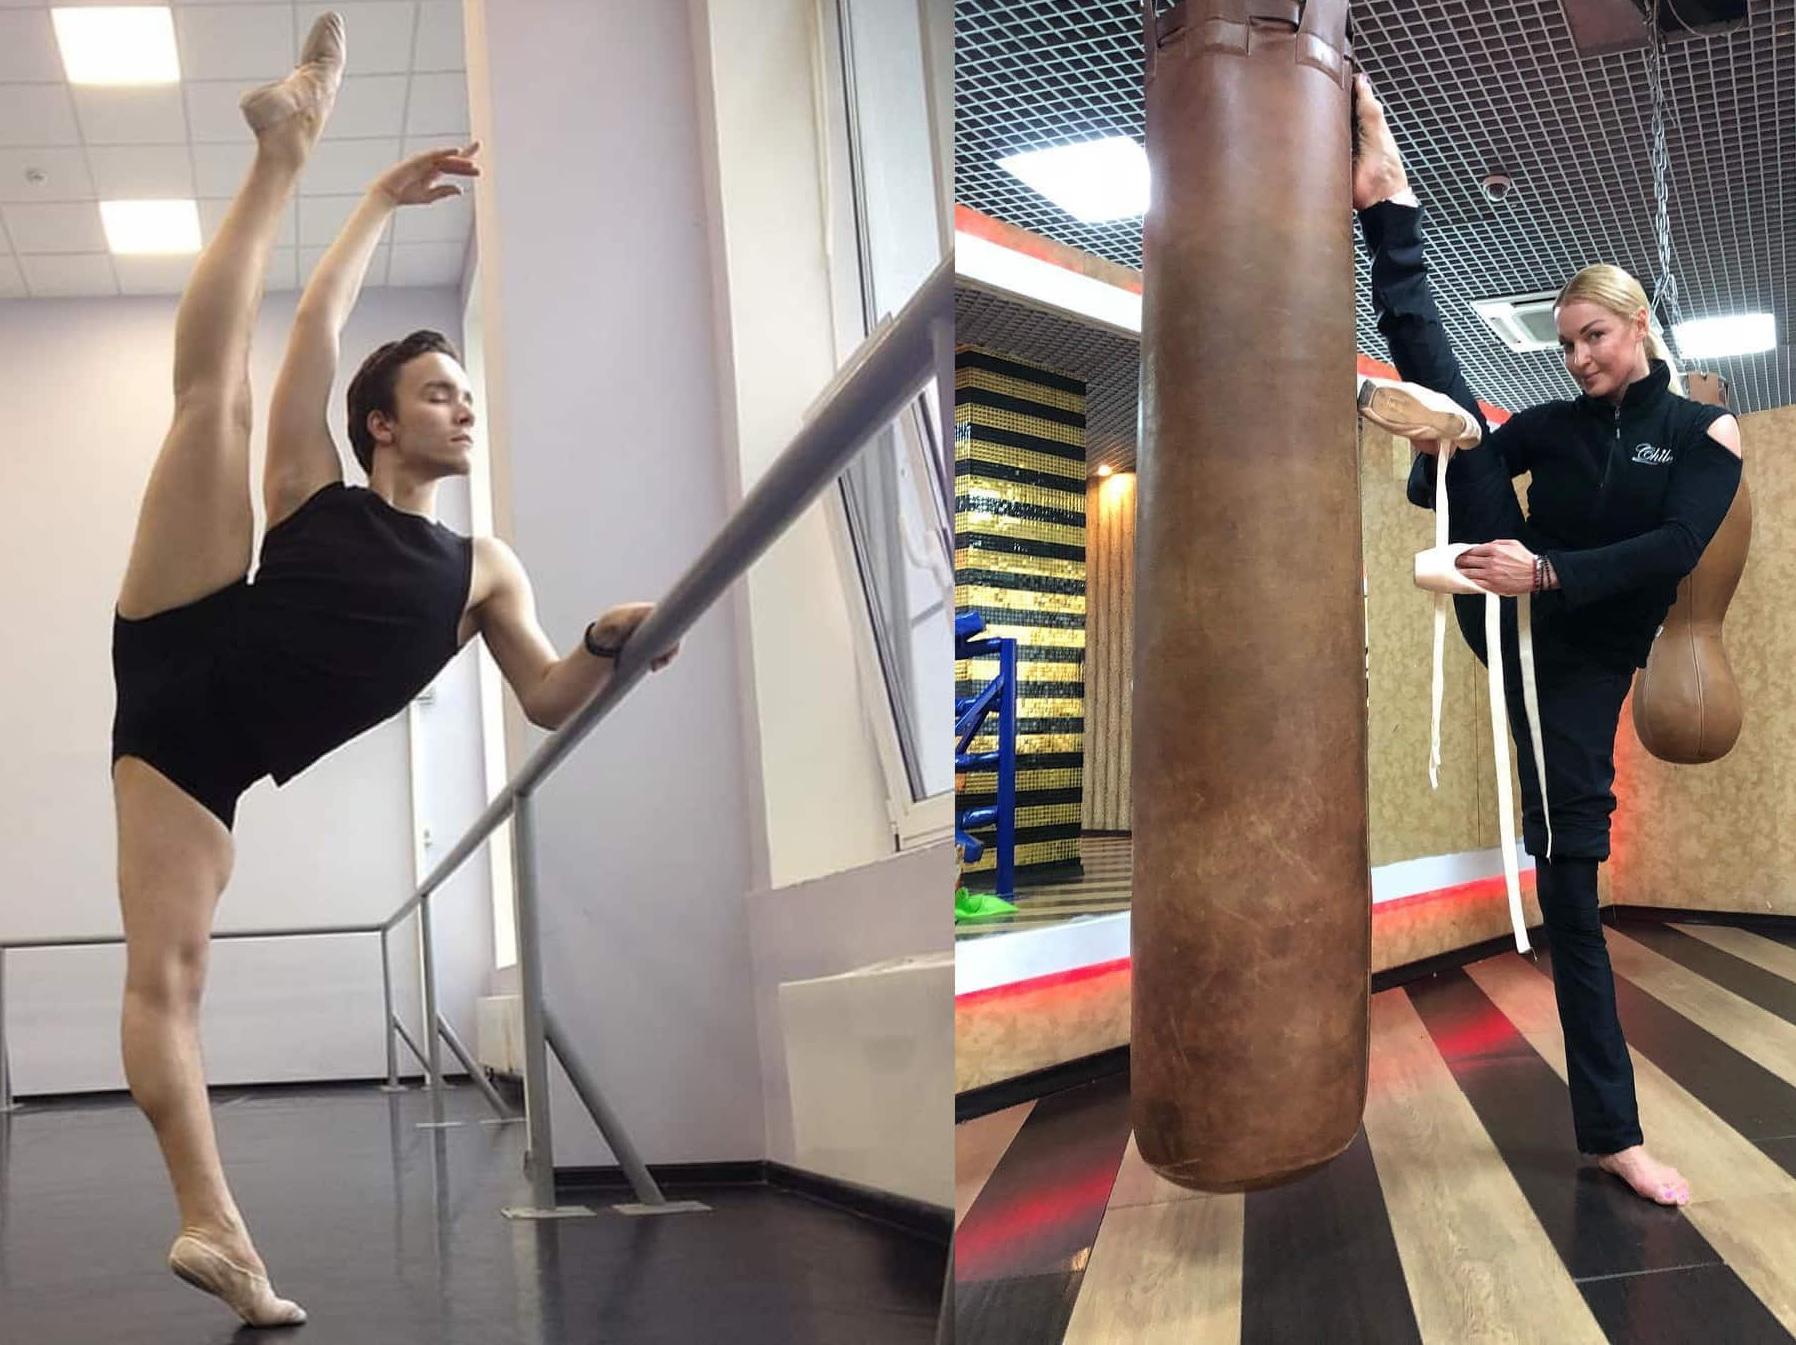 Фарид Казаков отказался от участия в проекте Анастасии Волочковой: Она увидела конкуренцию в моем лице! - ФОТО